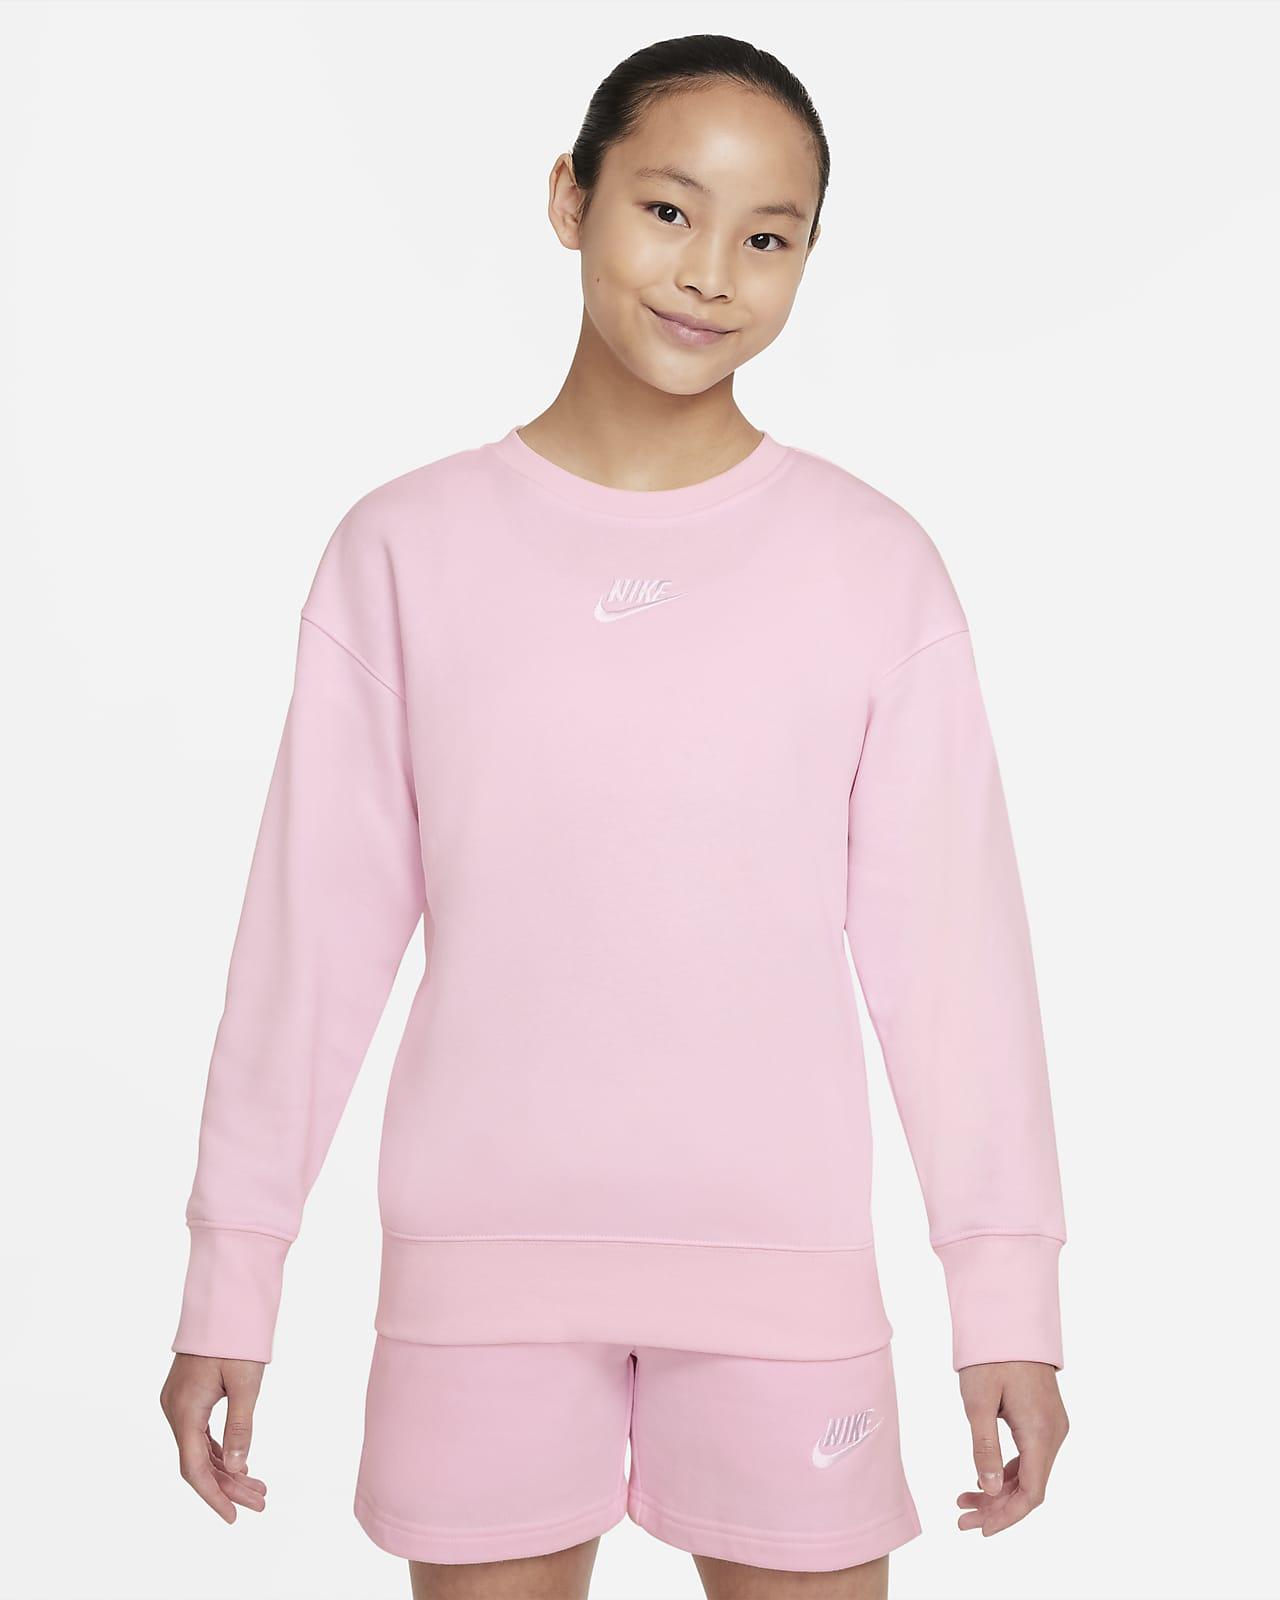 Nike Sportswear Club Fleece Older Kids' (Girls') Crew Sweatshirt